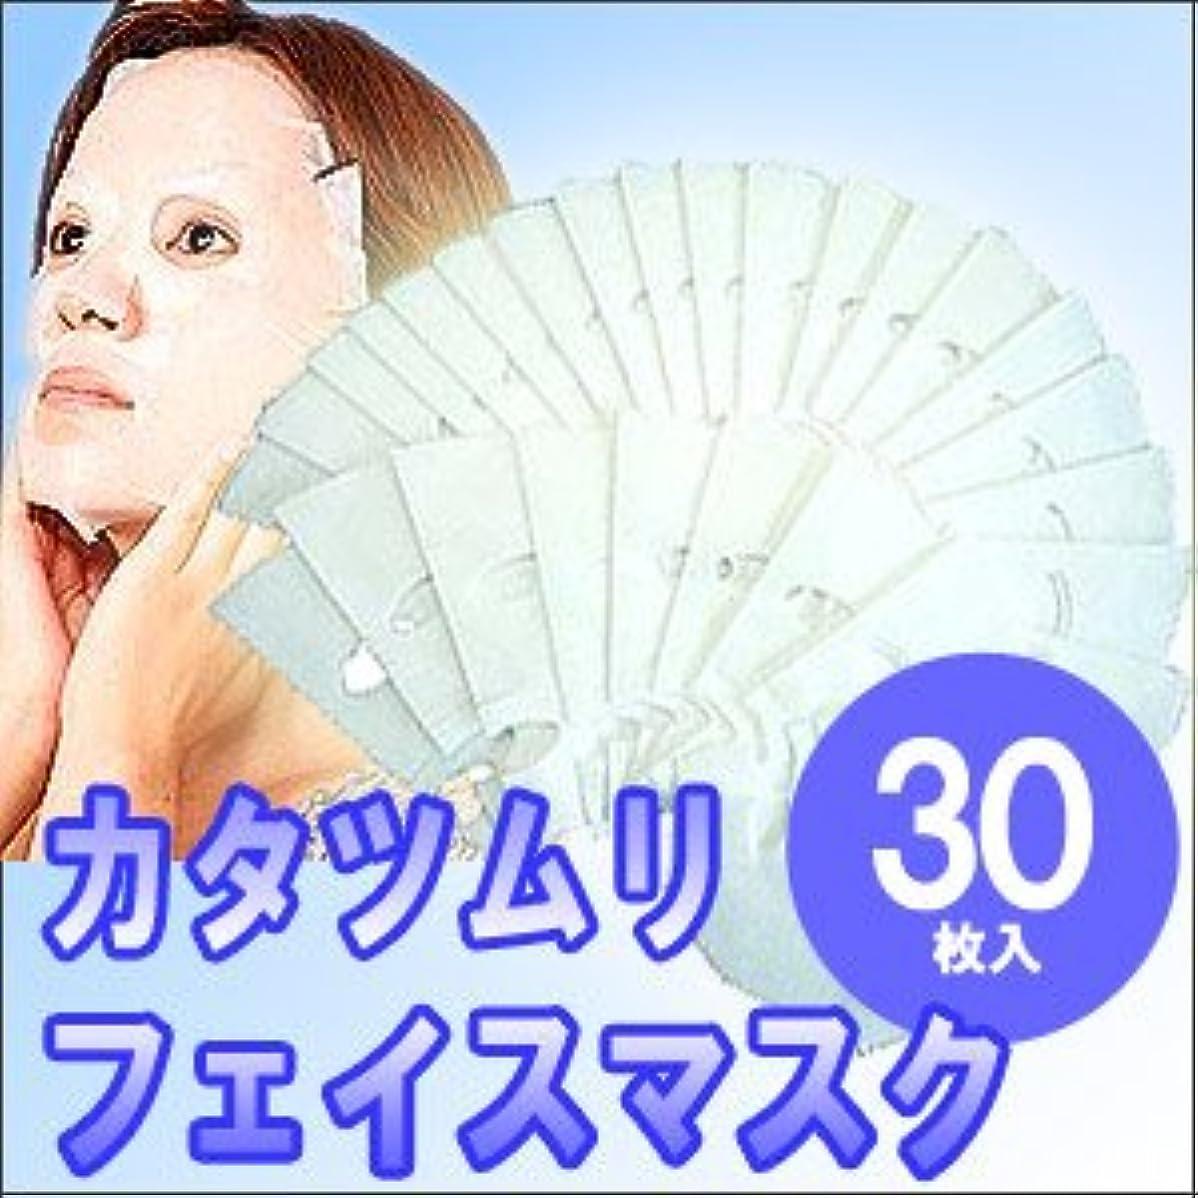 米ドルいたずられる【メディアで話題】カタツムリフェイスマスク 30枚入り